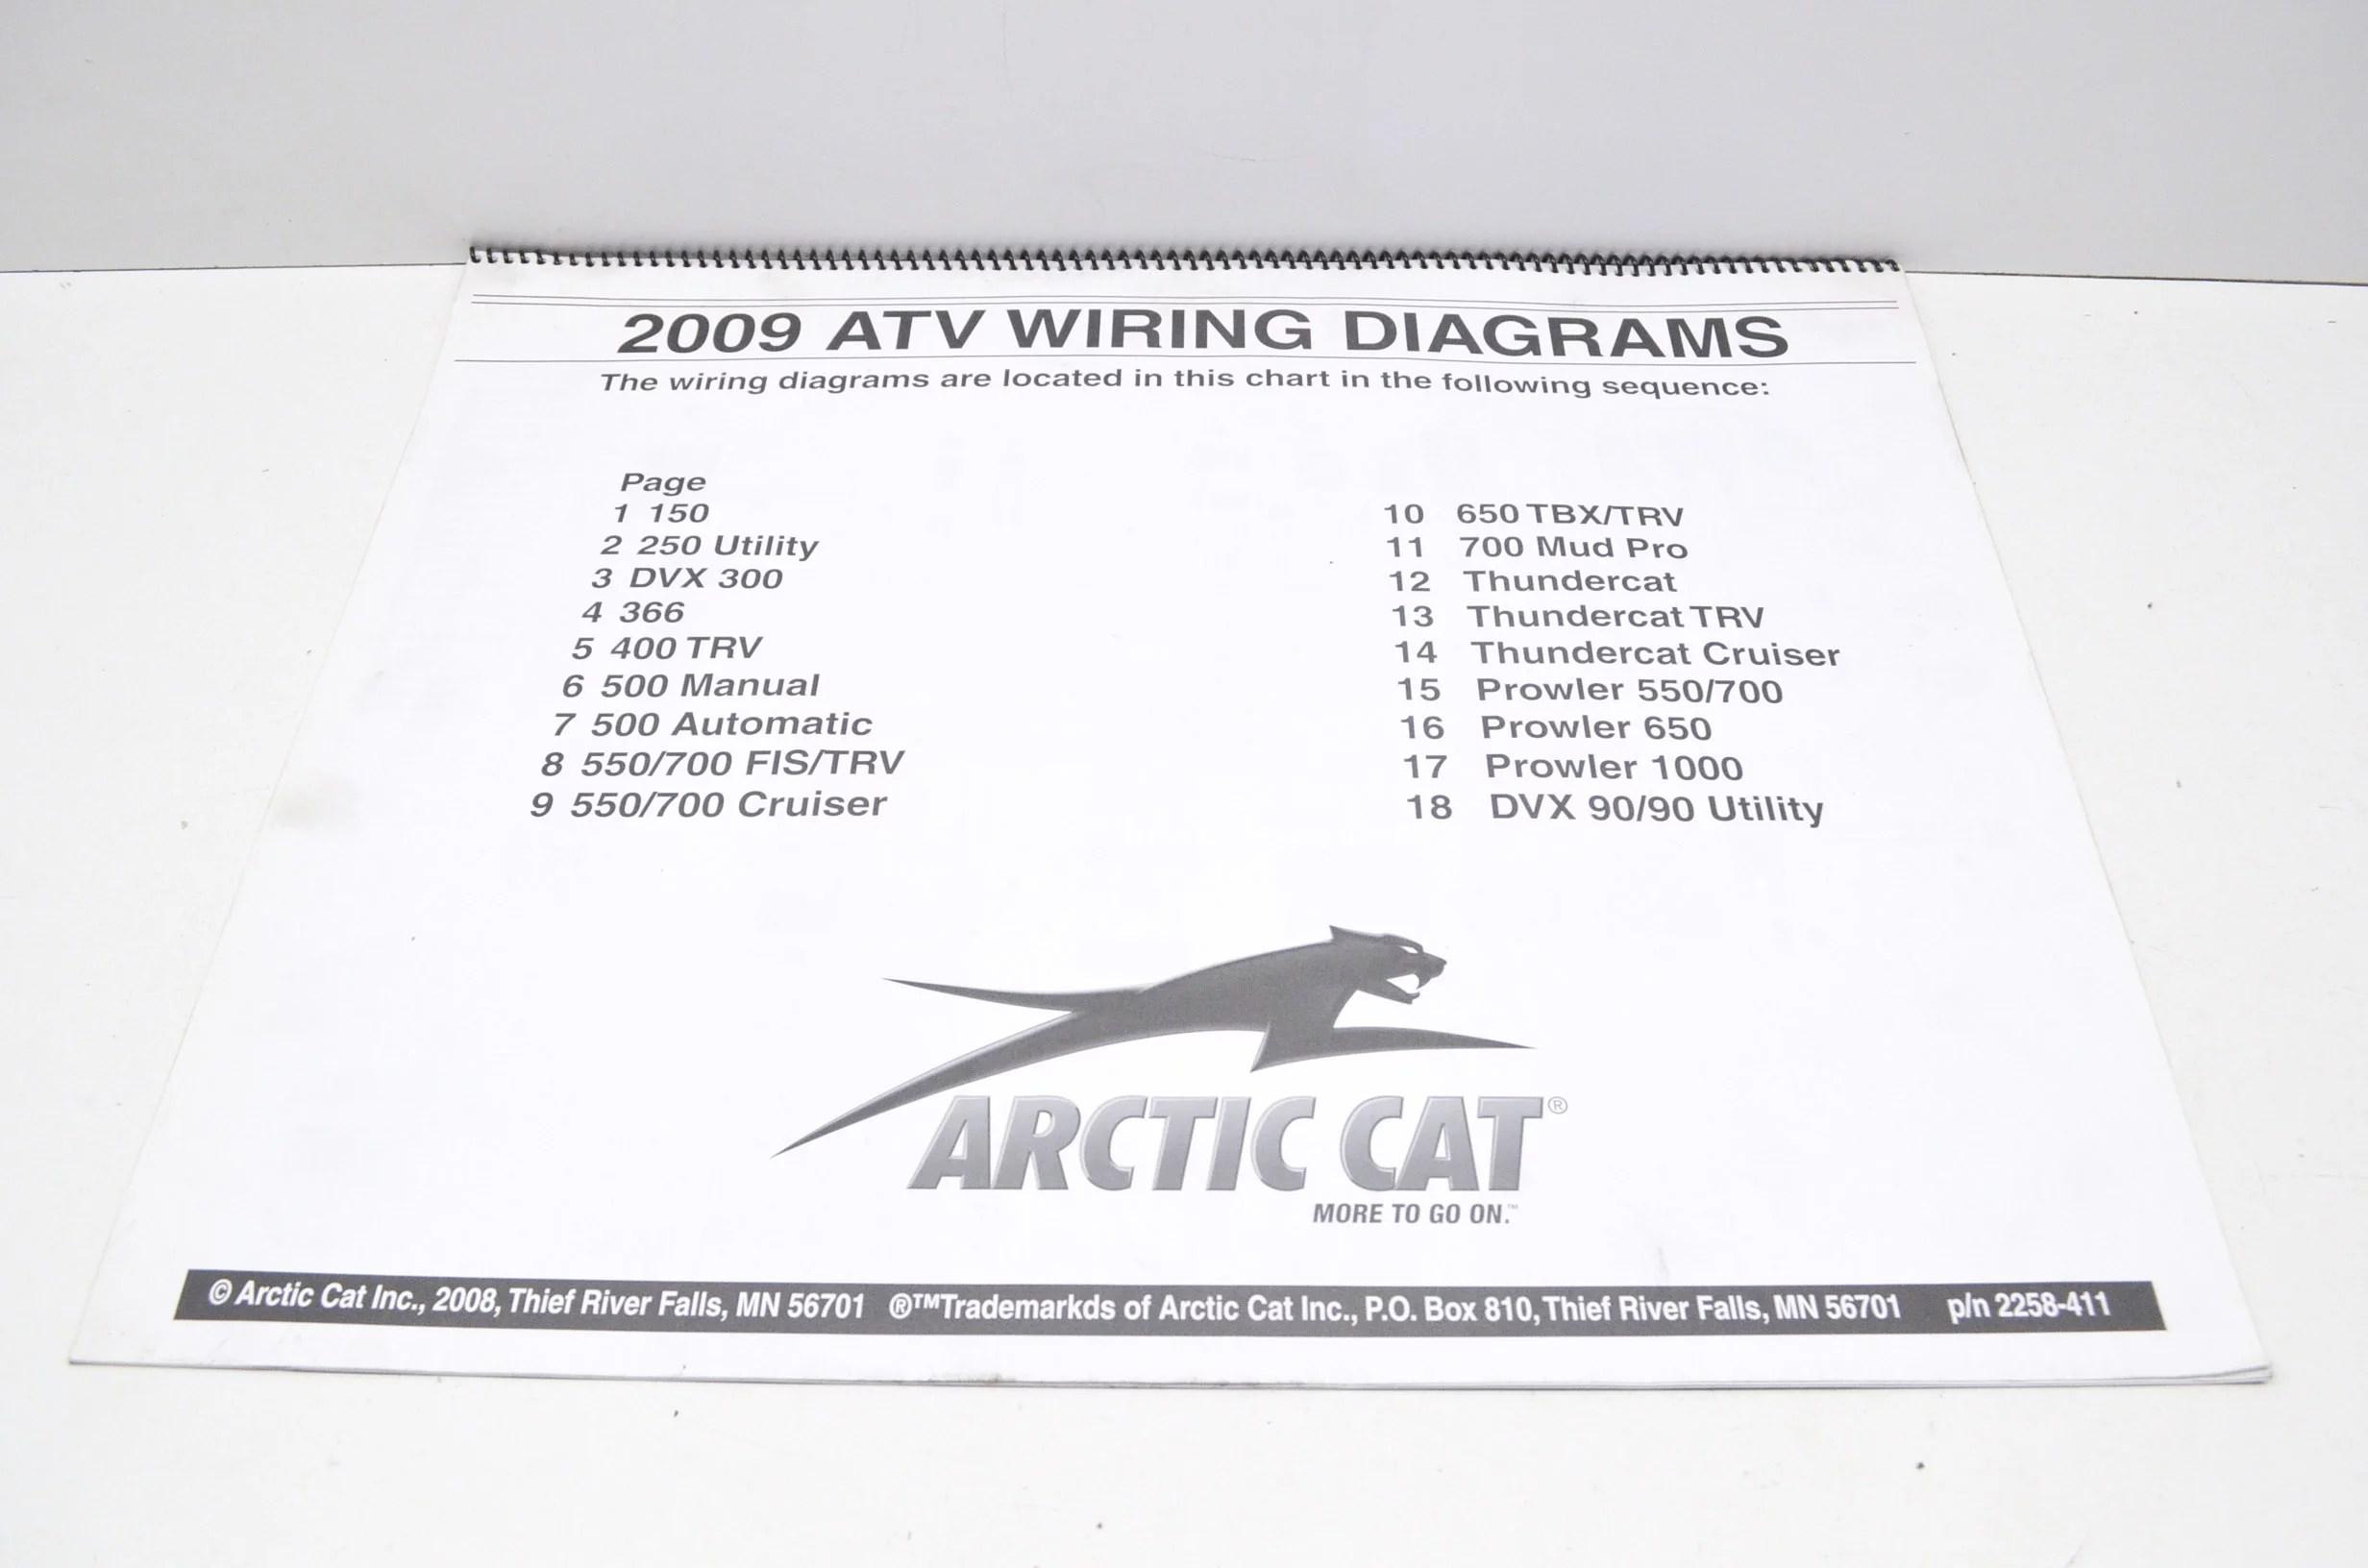 small resolution of arctic cat 2258 411 2009 atv wiring diagrams qty 1 walmart com rh walmart com 2001 arctic cat 400 4x4 wiring diagram wiring diagram 1999 arctic cat 500